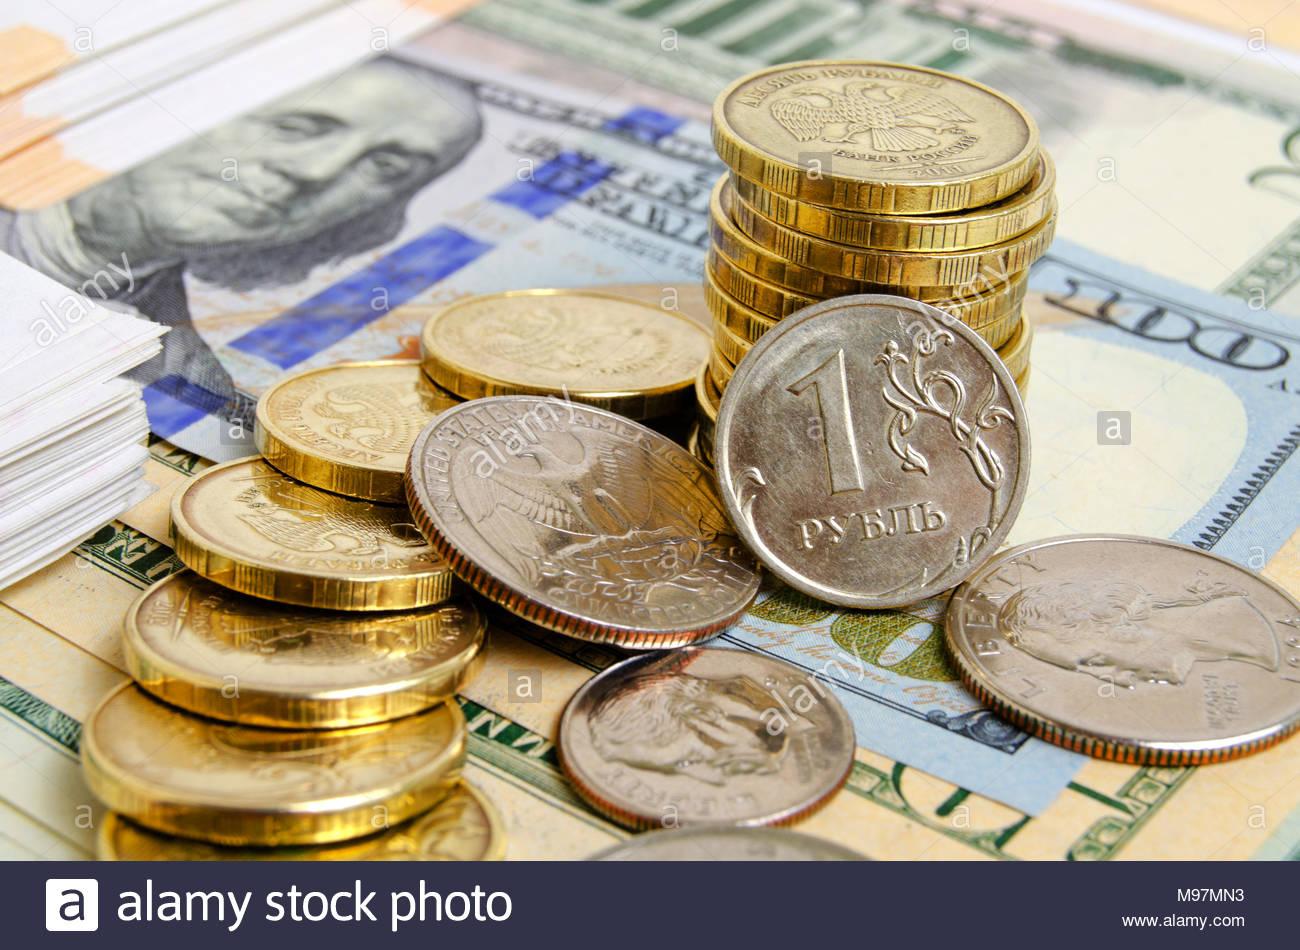 Münzen Verschiedener Länder Auf Dollarscheine Stockfoto Bild